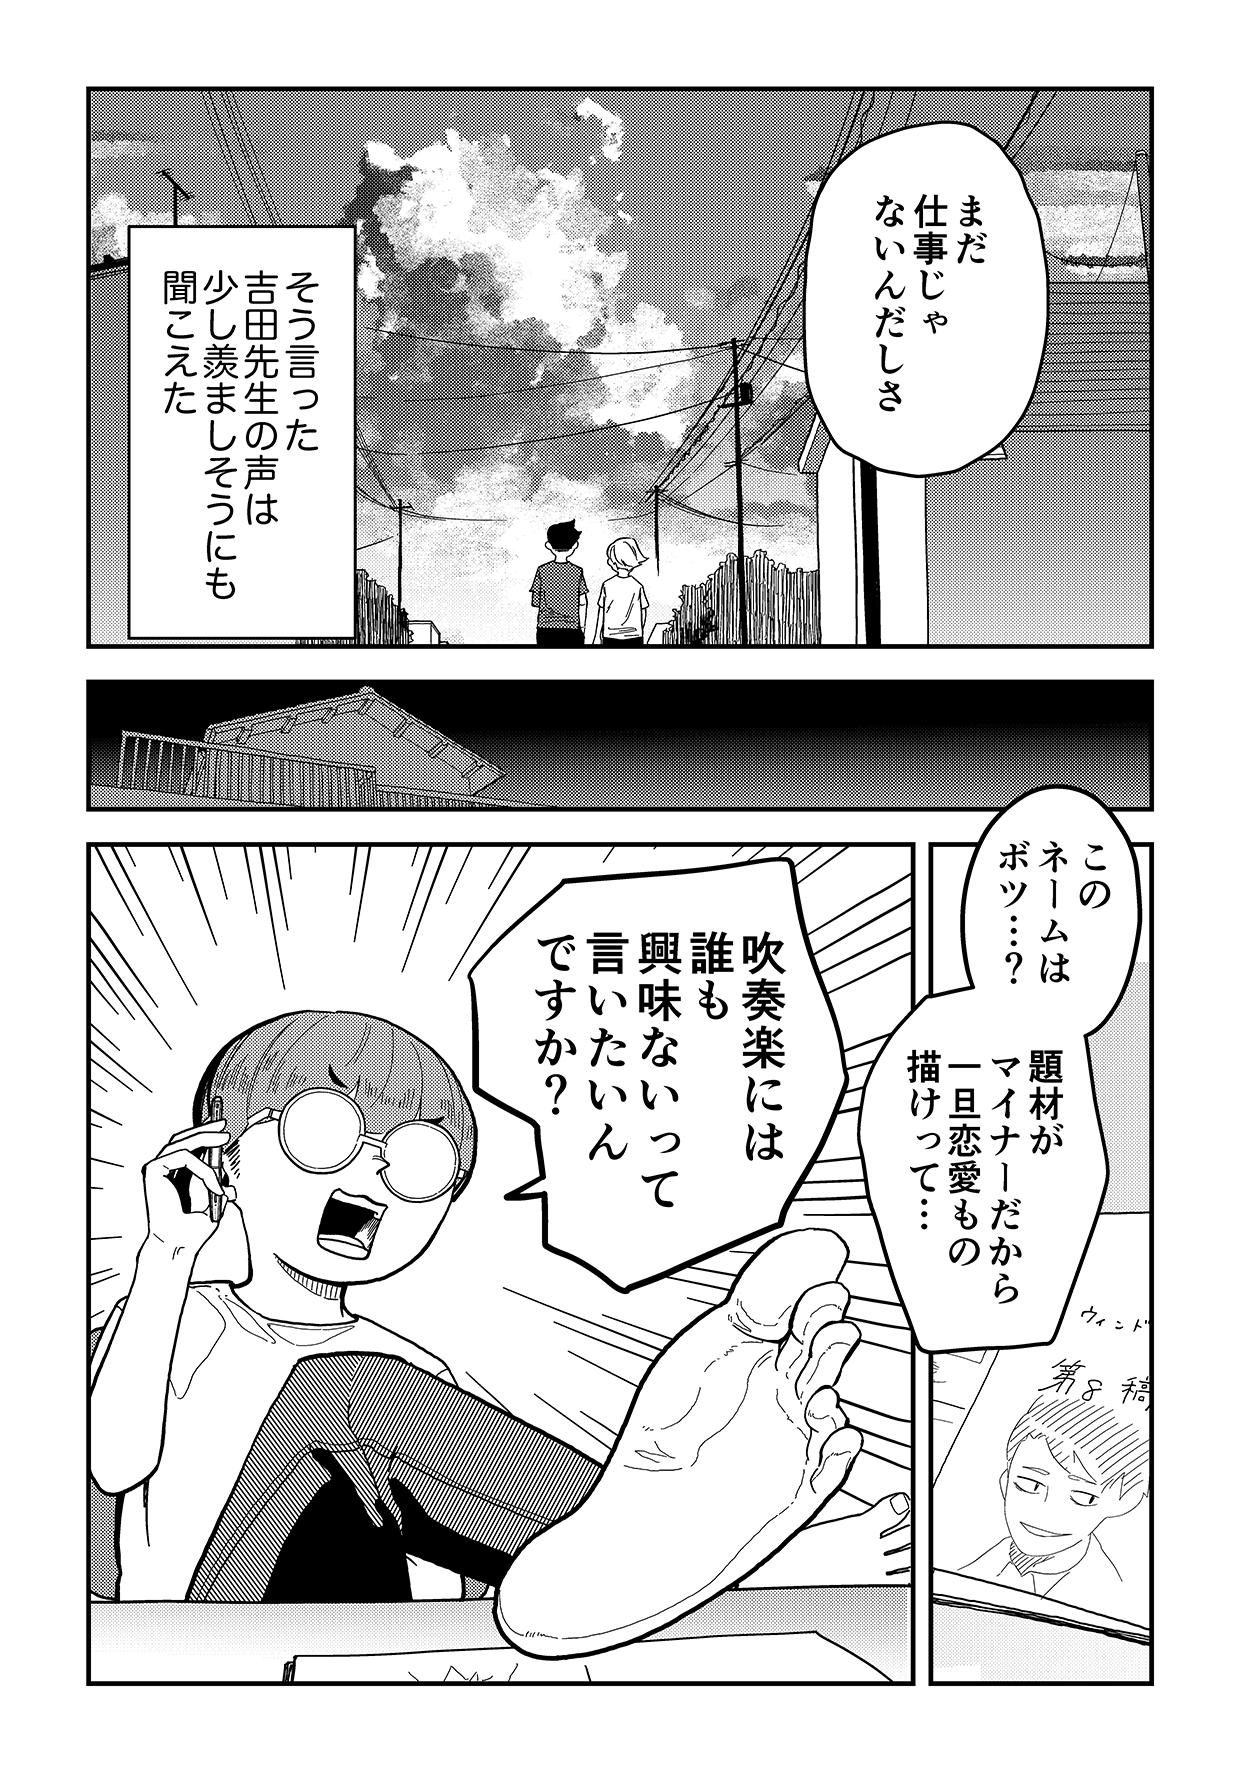 share16_013